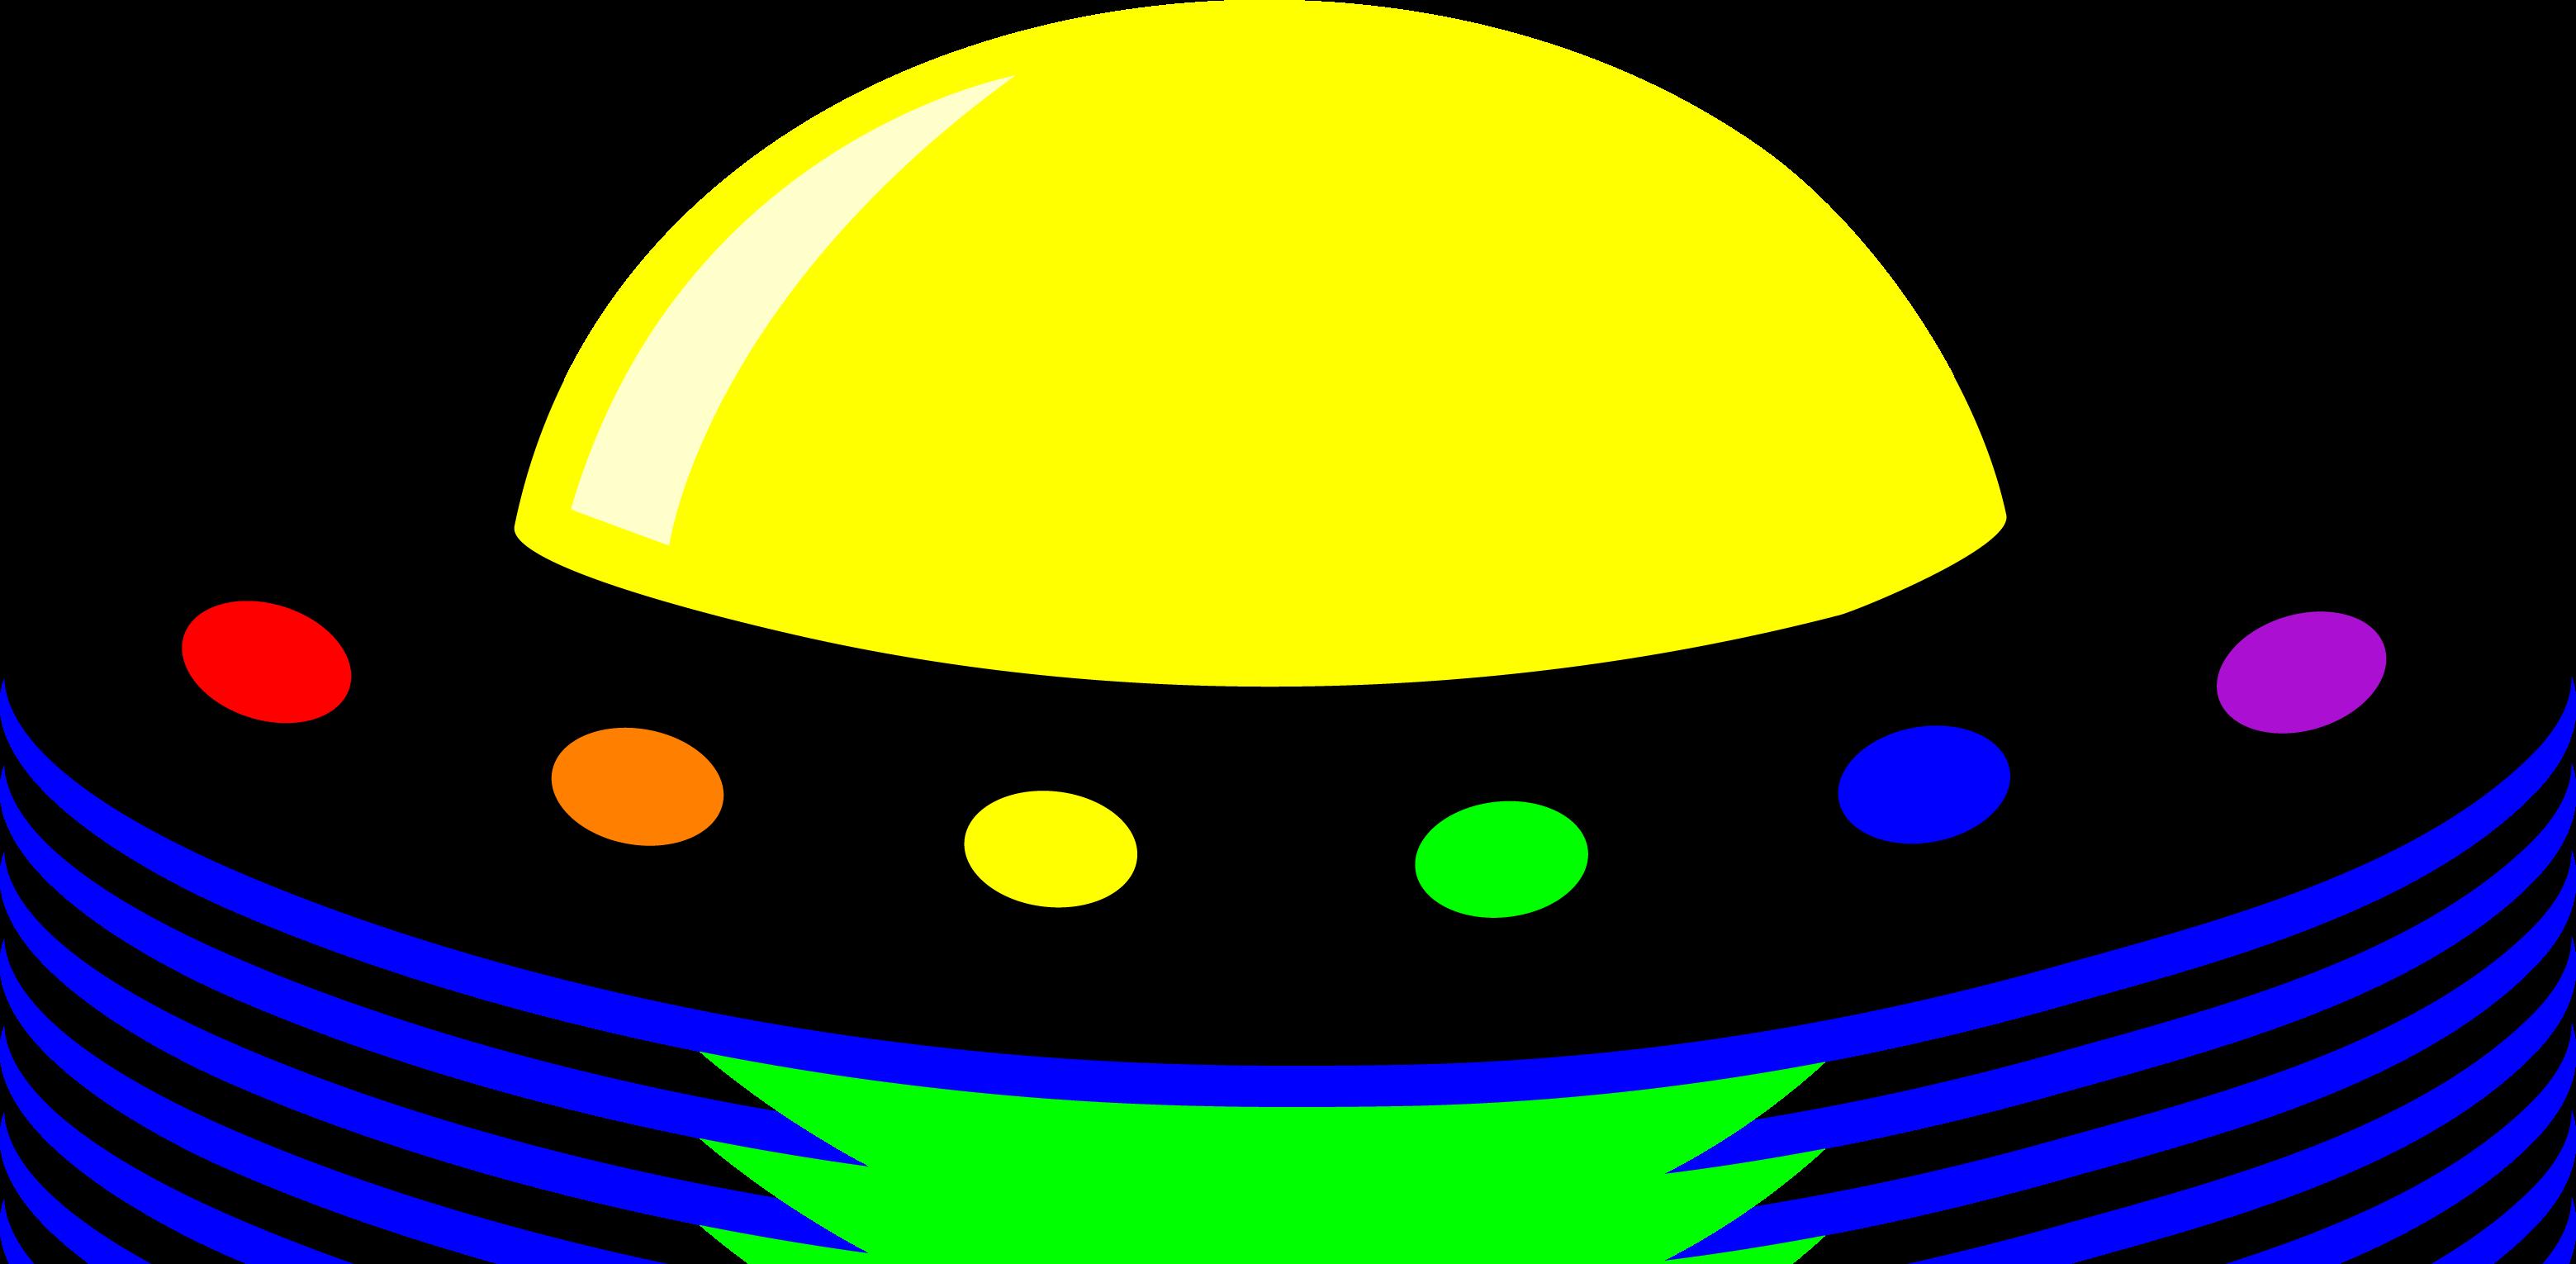 3119x1530 Cartoon Alien Spaceship Clipart